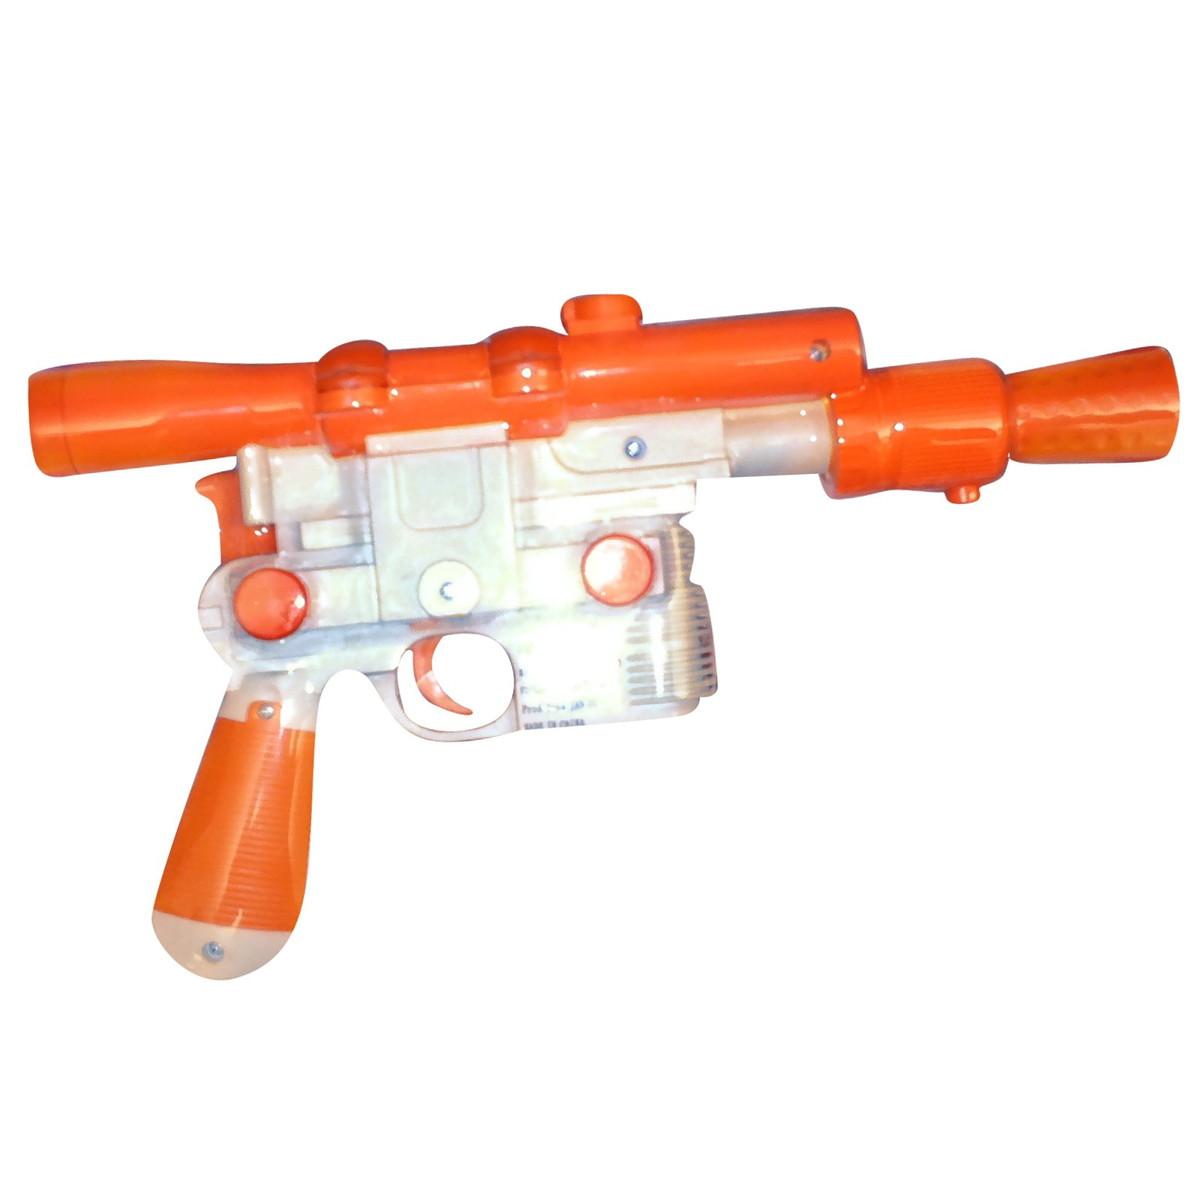 ハンソロ ブラスター おもちゃ スターウォーズ 武器 コスプレ 仮装 グッズ